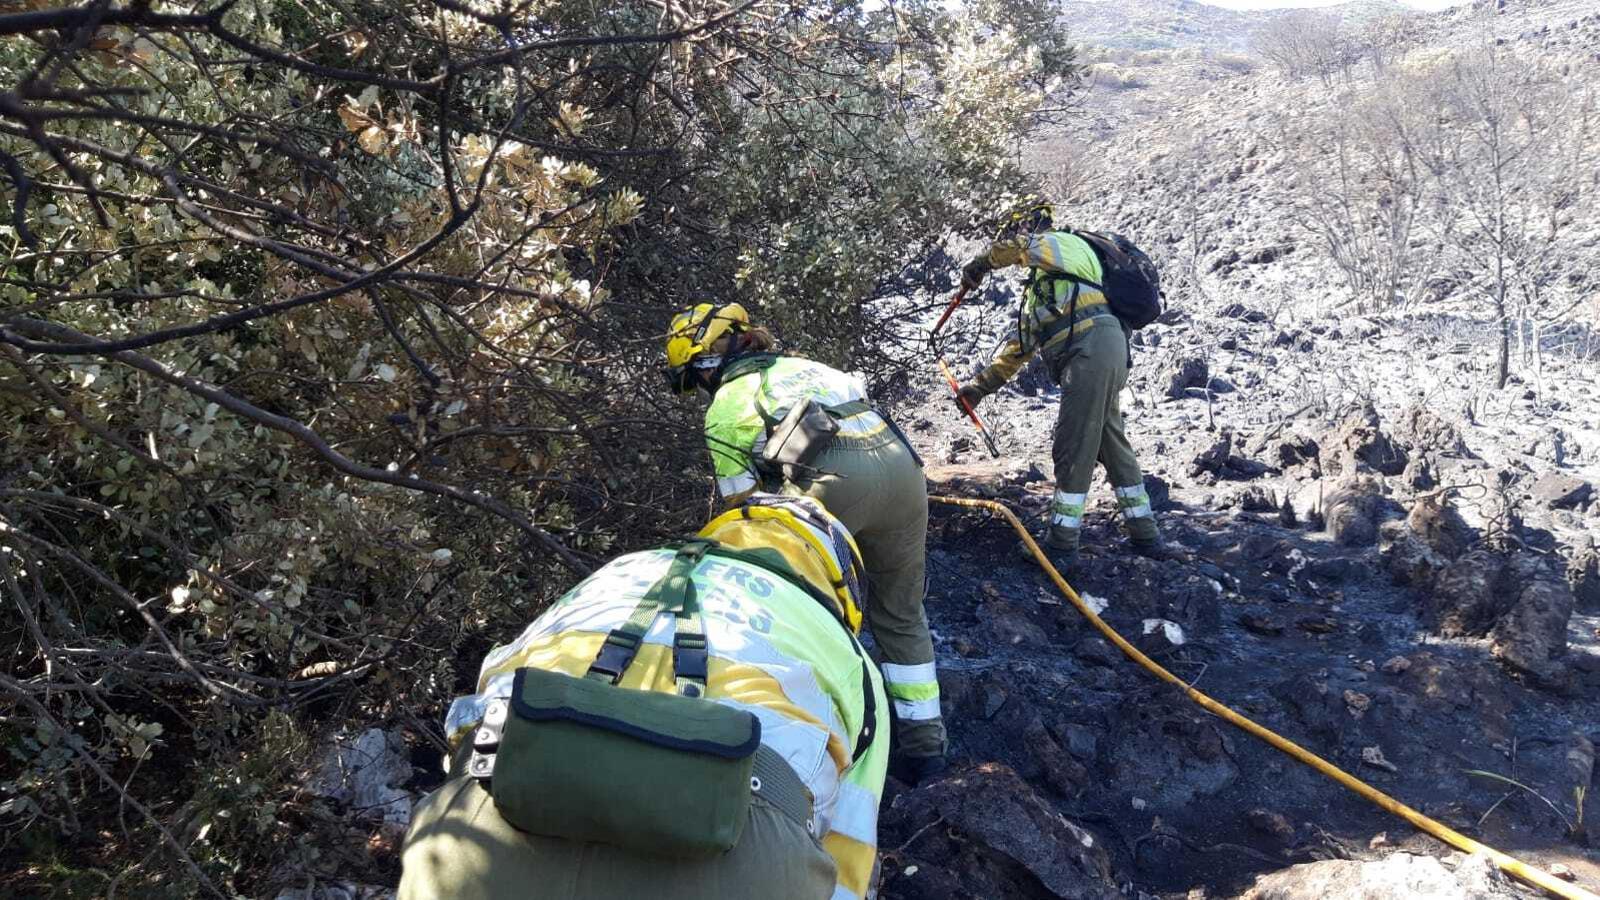 Diversos bombers treballen per extingir l'incendi declarat a la Vall de la Gallinera